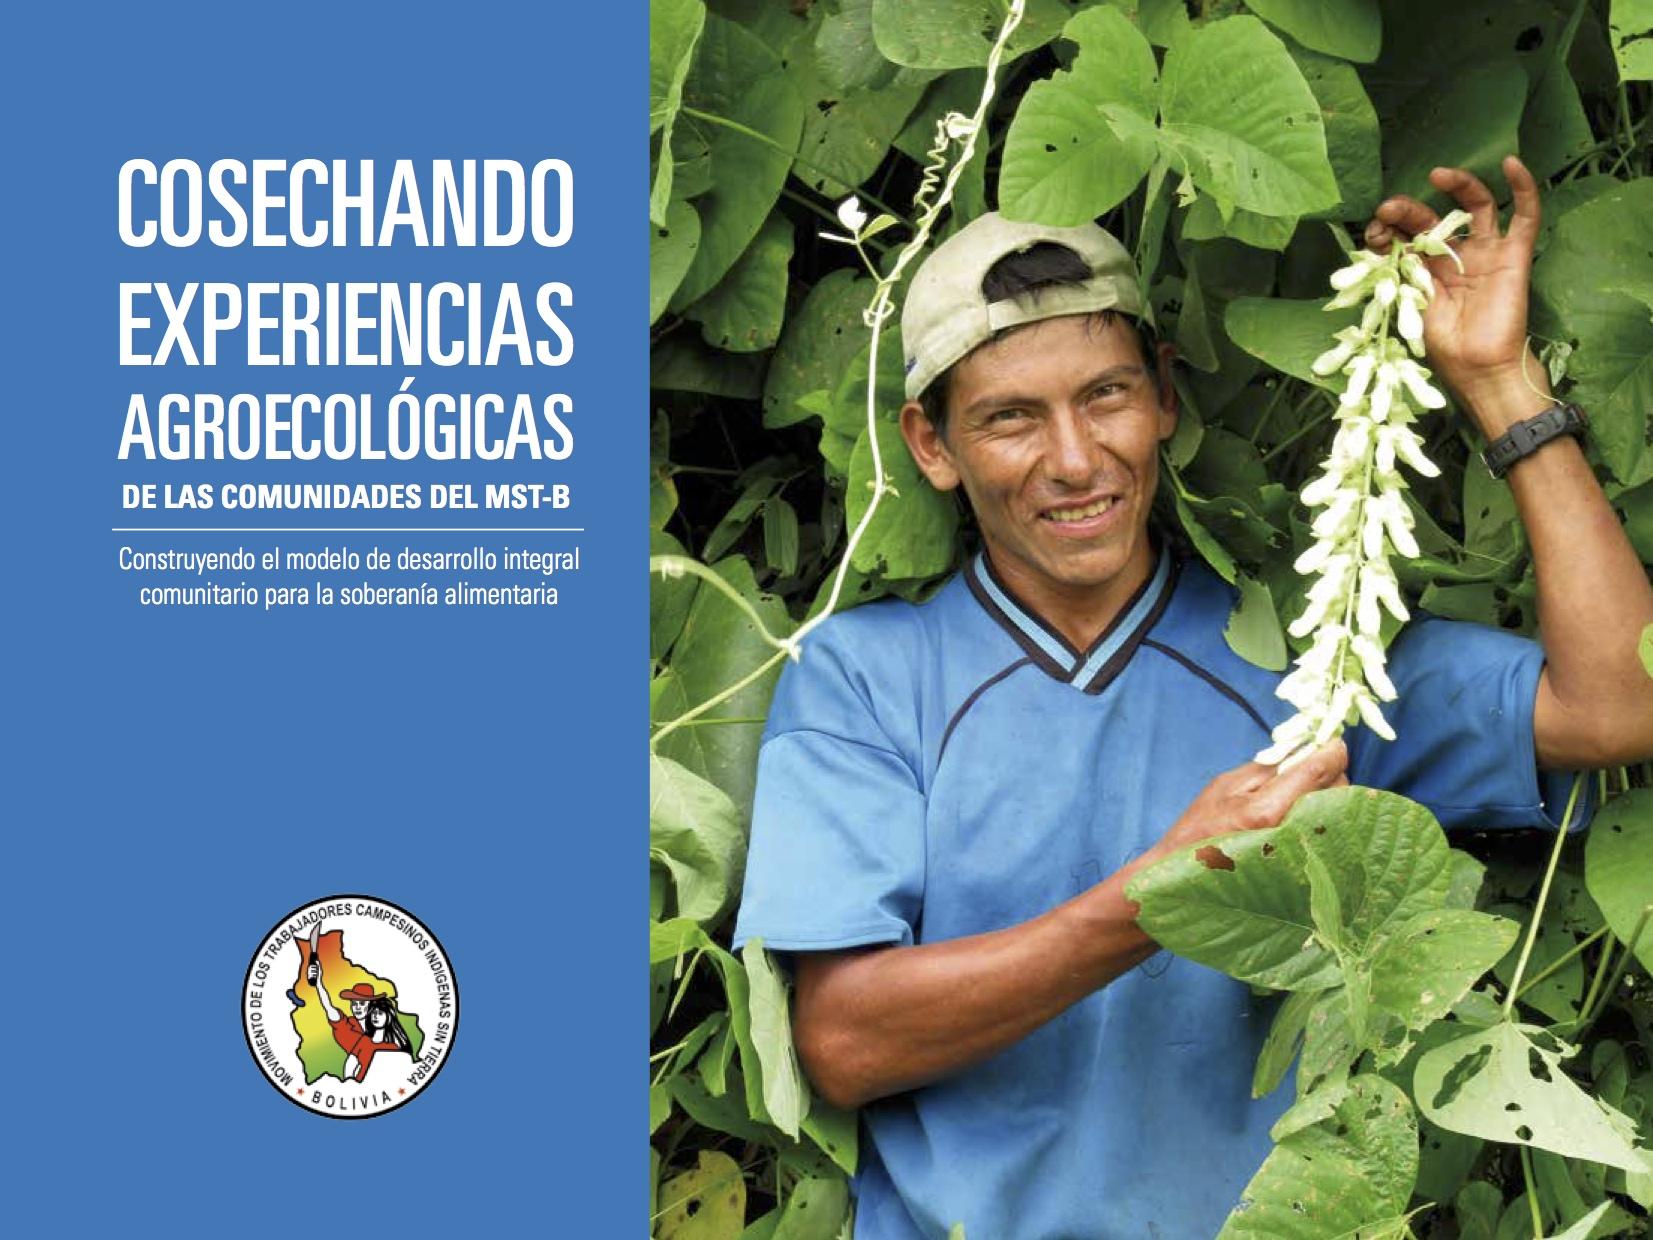 Recueil d'expériences agroécologiques des communautés du MST en Bolivie : un modèle de développement en construction pour la souveraineté alimentaire  Image principale